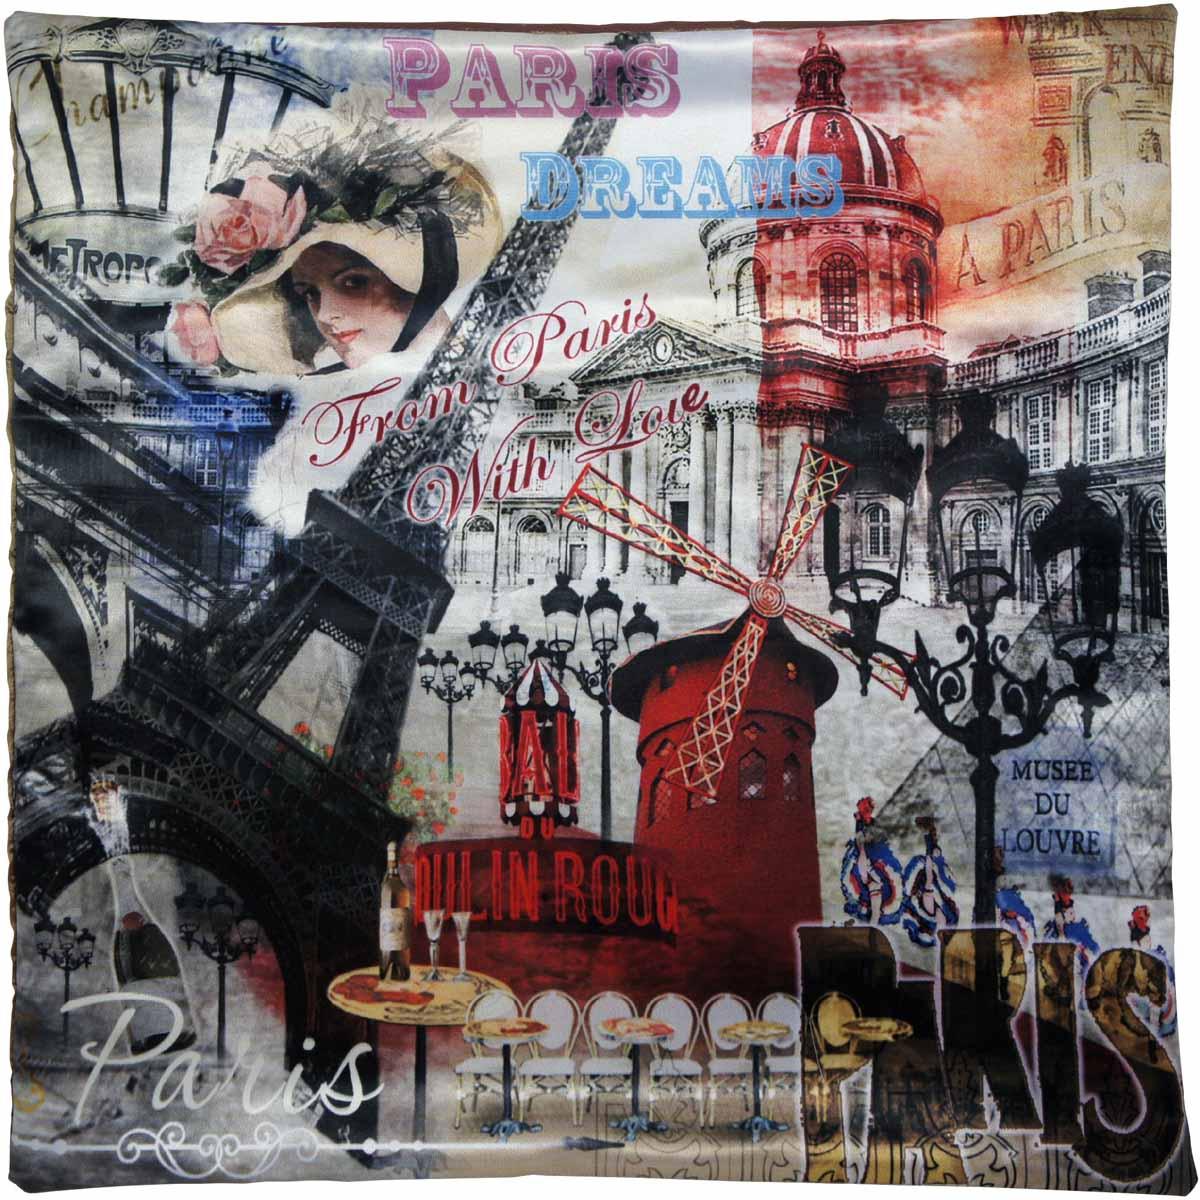 Наволочка для декоративной подушки GiftnHome Парижские фантазии, цвет: красный, черный, серый, 45 х 45 см1004900000360Изделие изготовлено из искусственного шелка - атласа! Наволочка на молнии